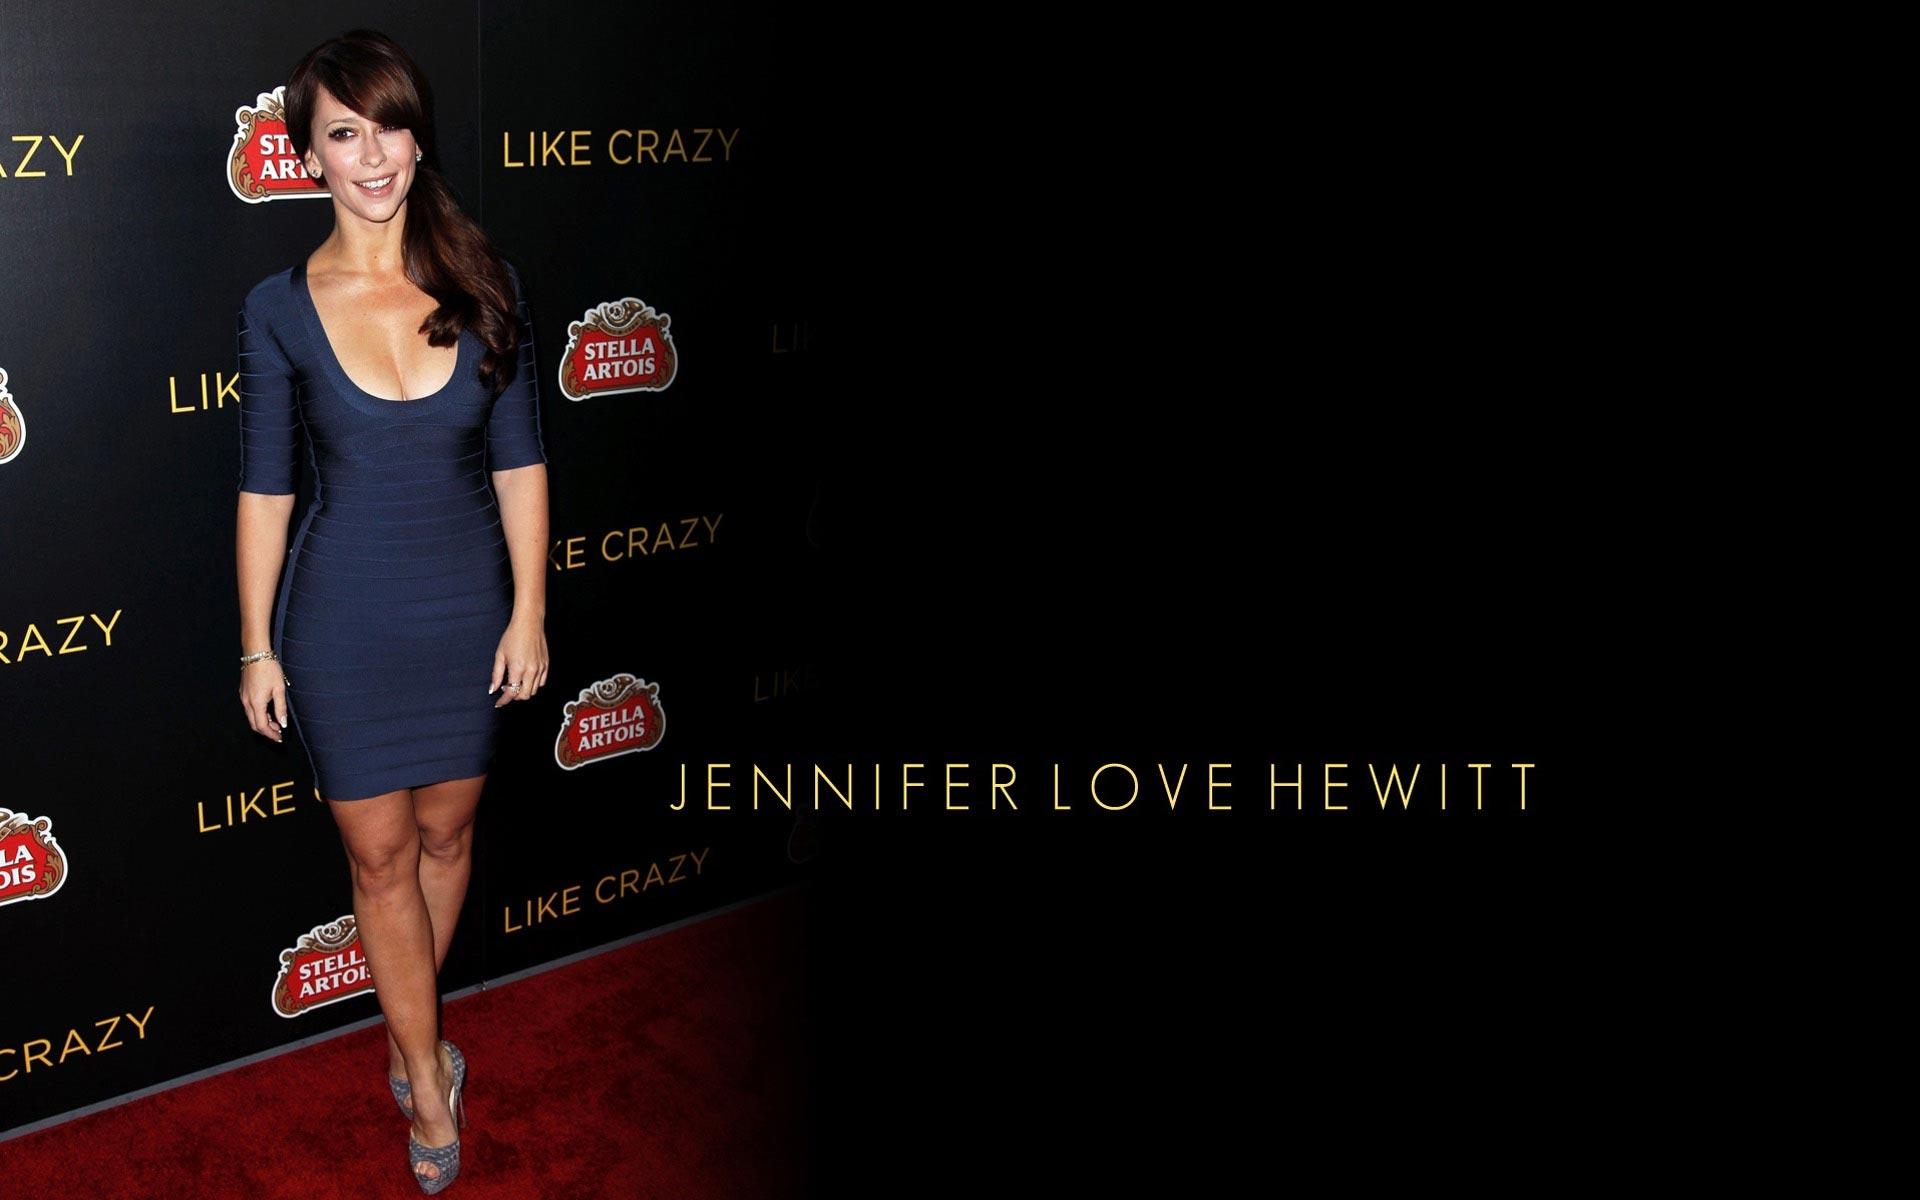 Very Hot Love Wallpaper : Jennifer Love Hewitt Hot Wallpapers (+12)